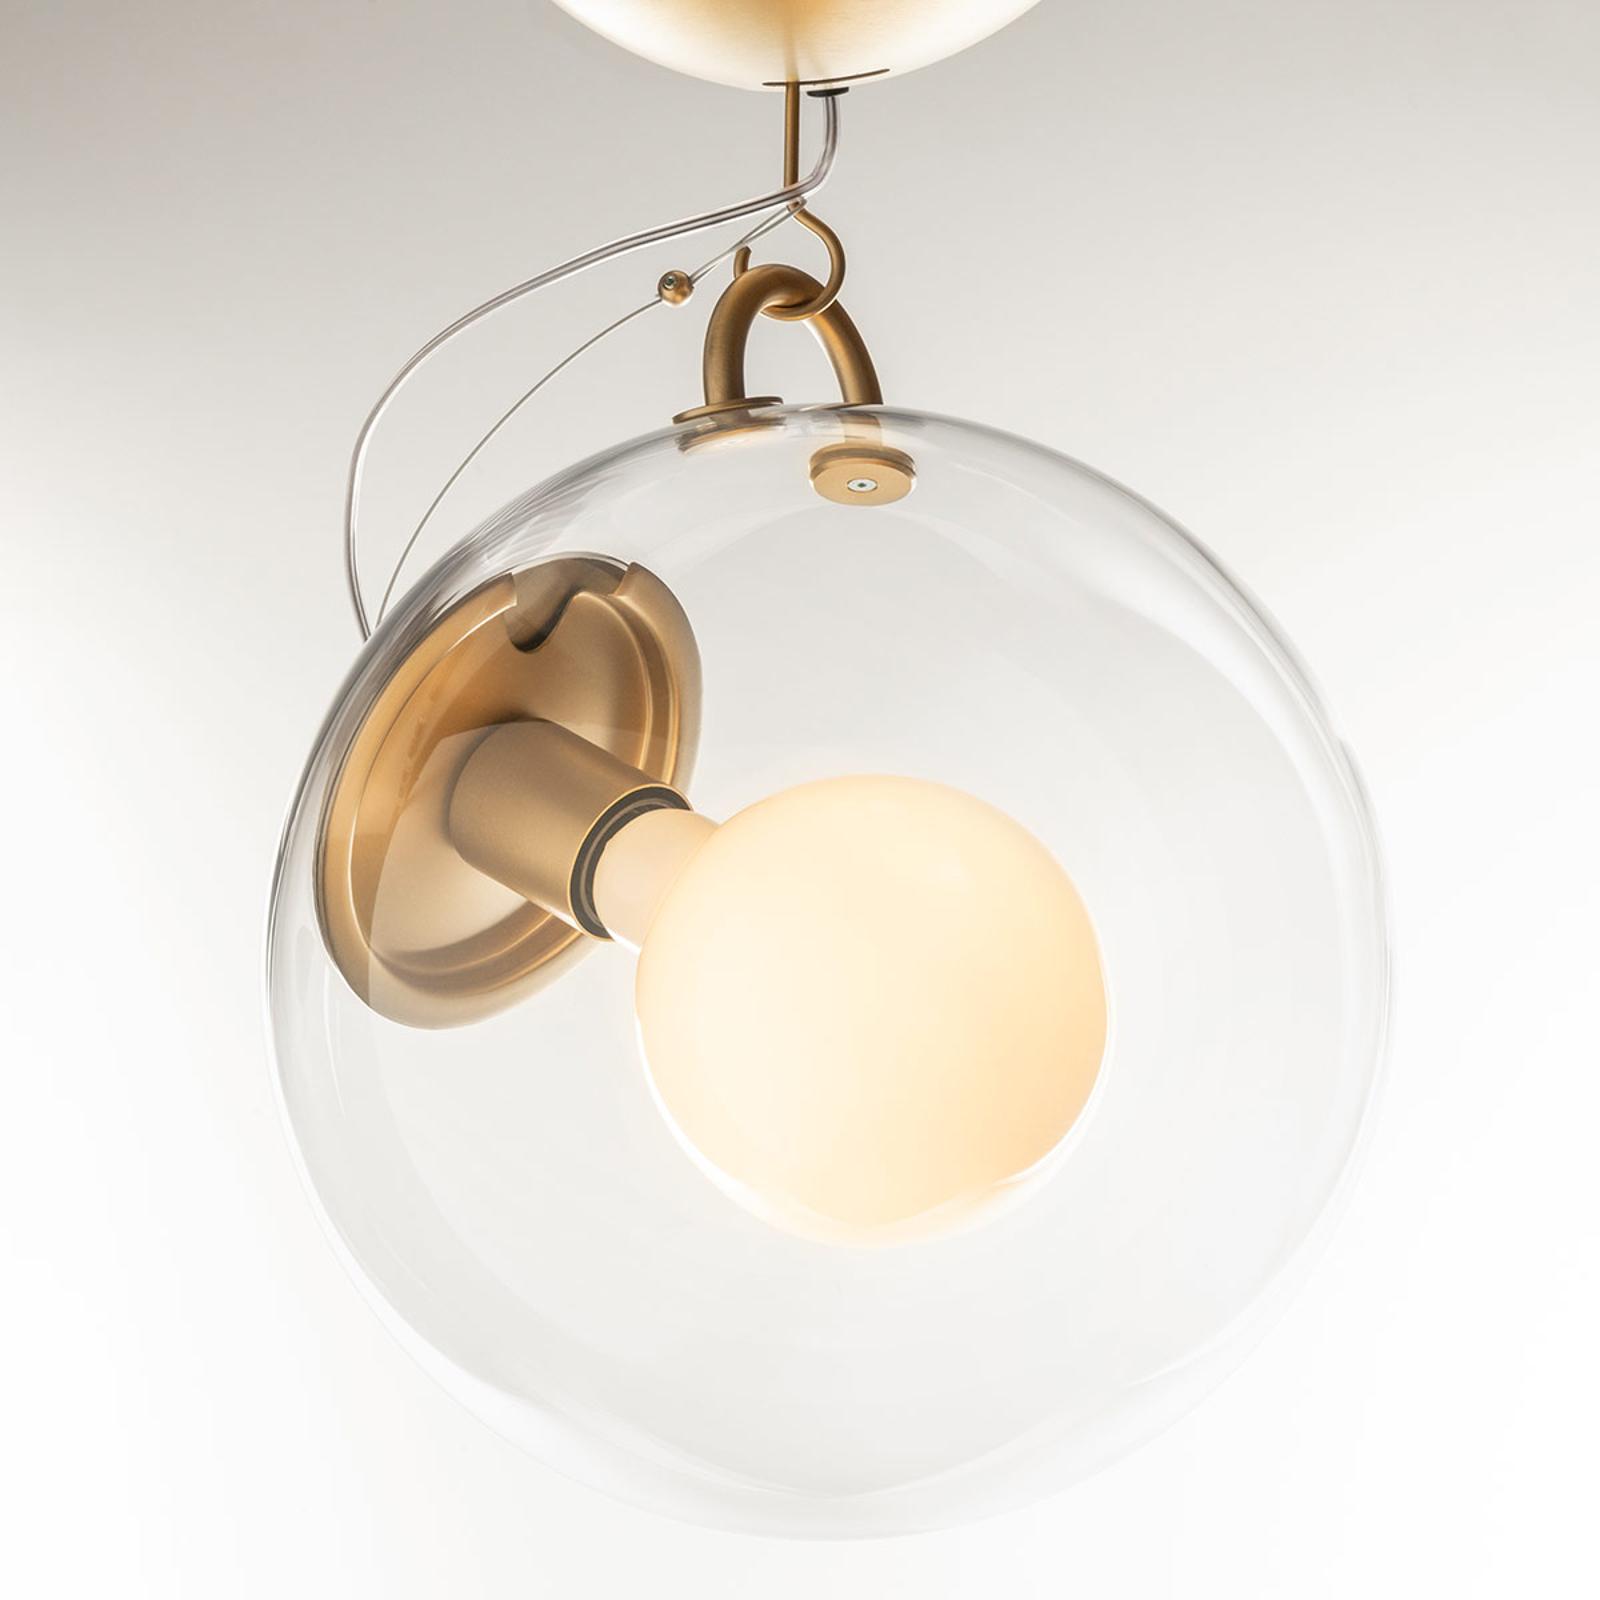 Artemide Miconos taklampe i glass og messing